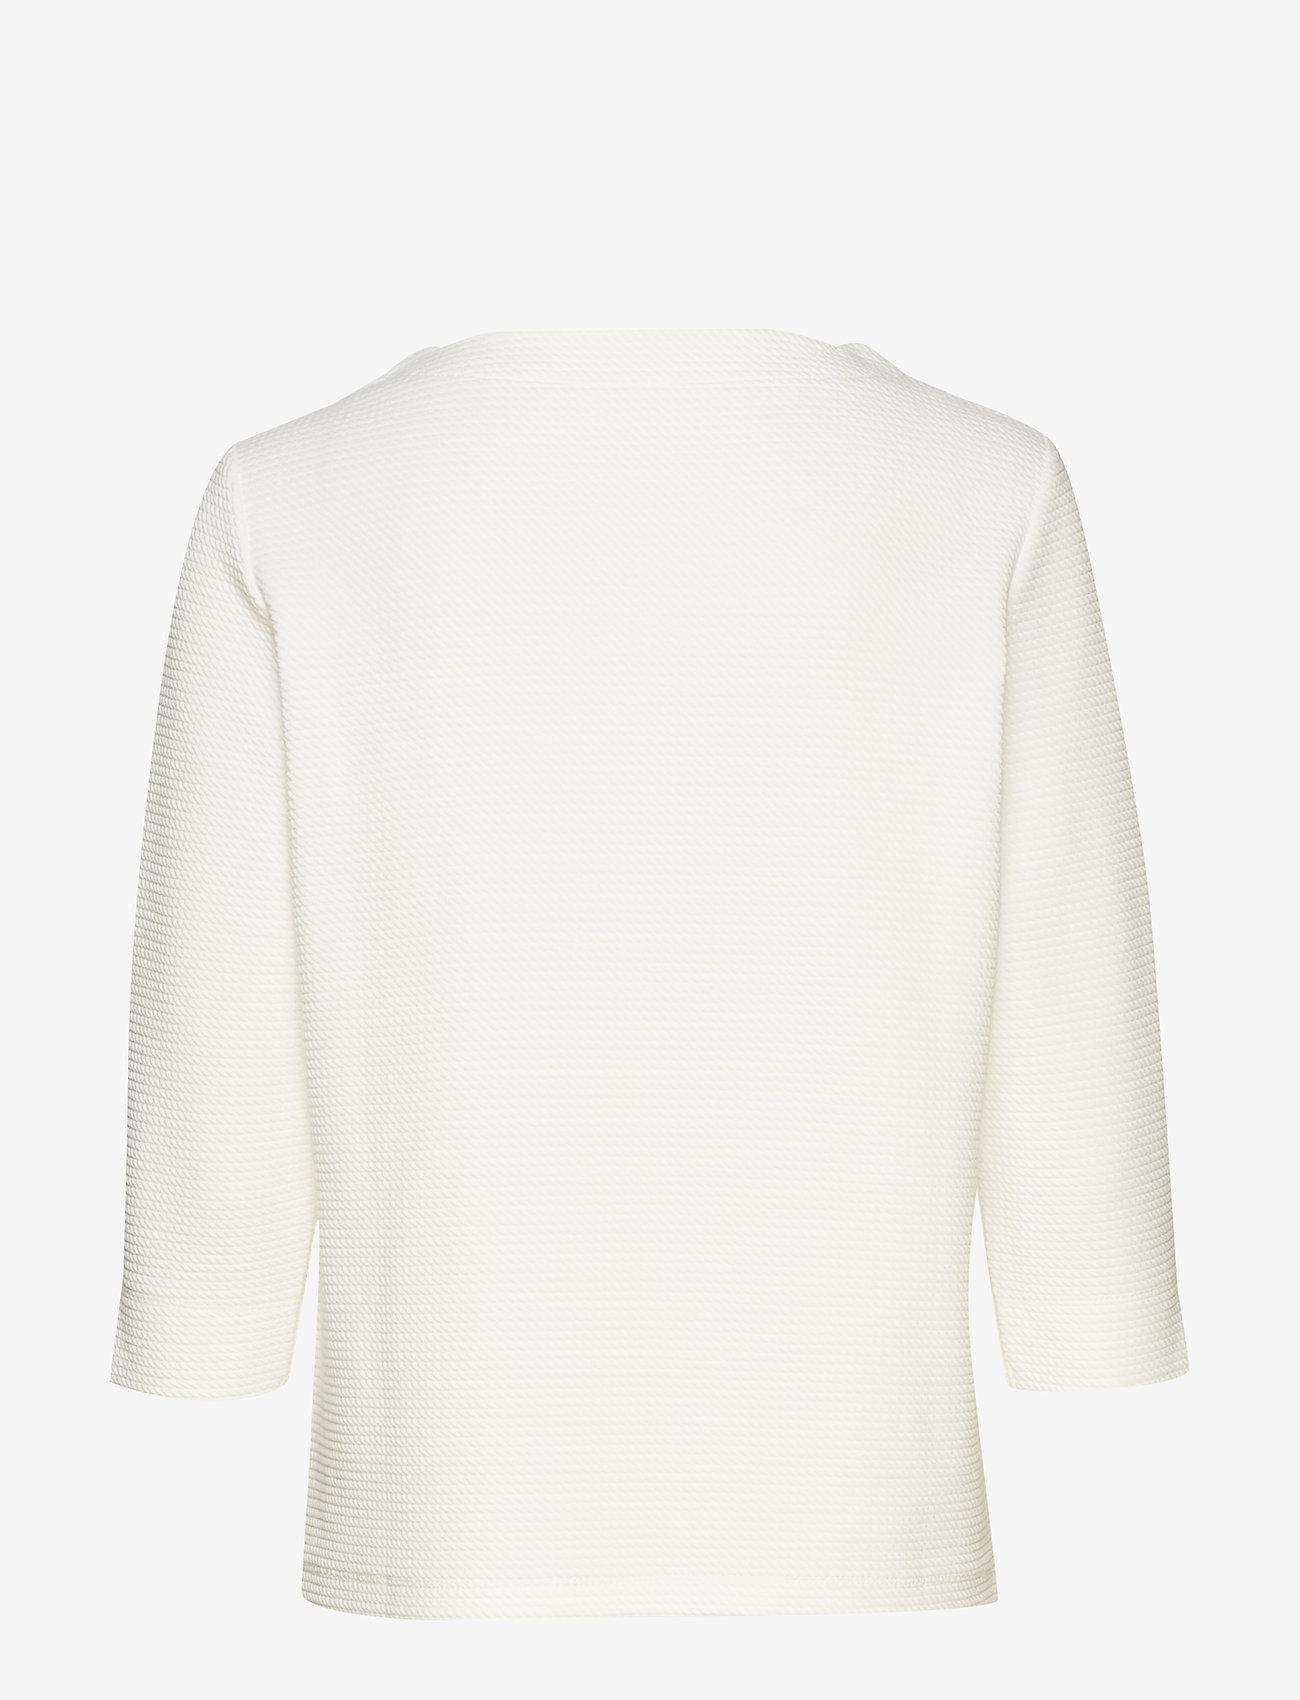 Sweat-shirt Short-sl (Off-white) (479.40 kr) - Gerry Weber